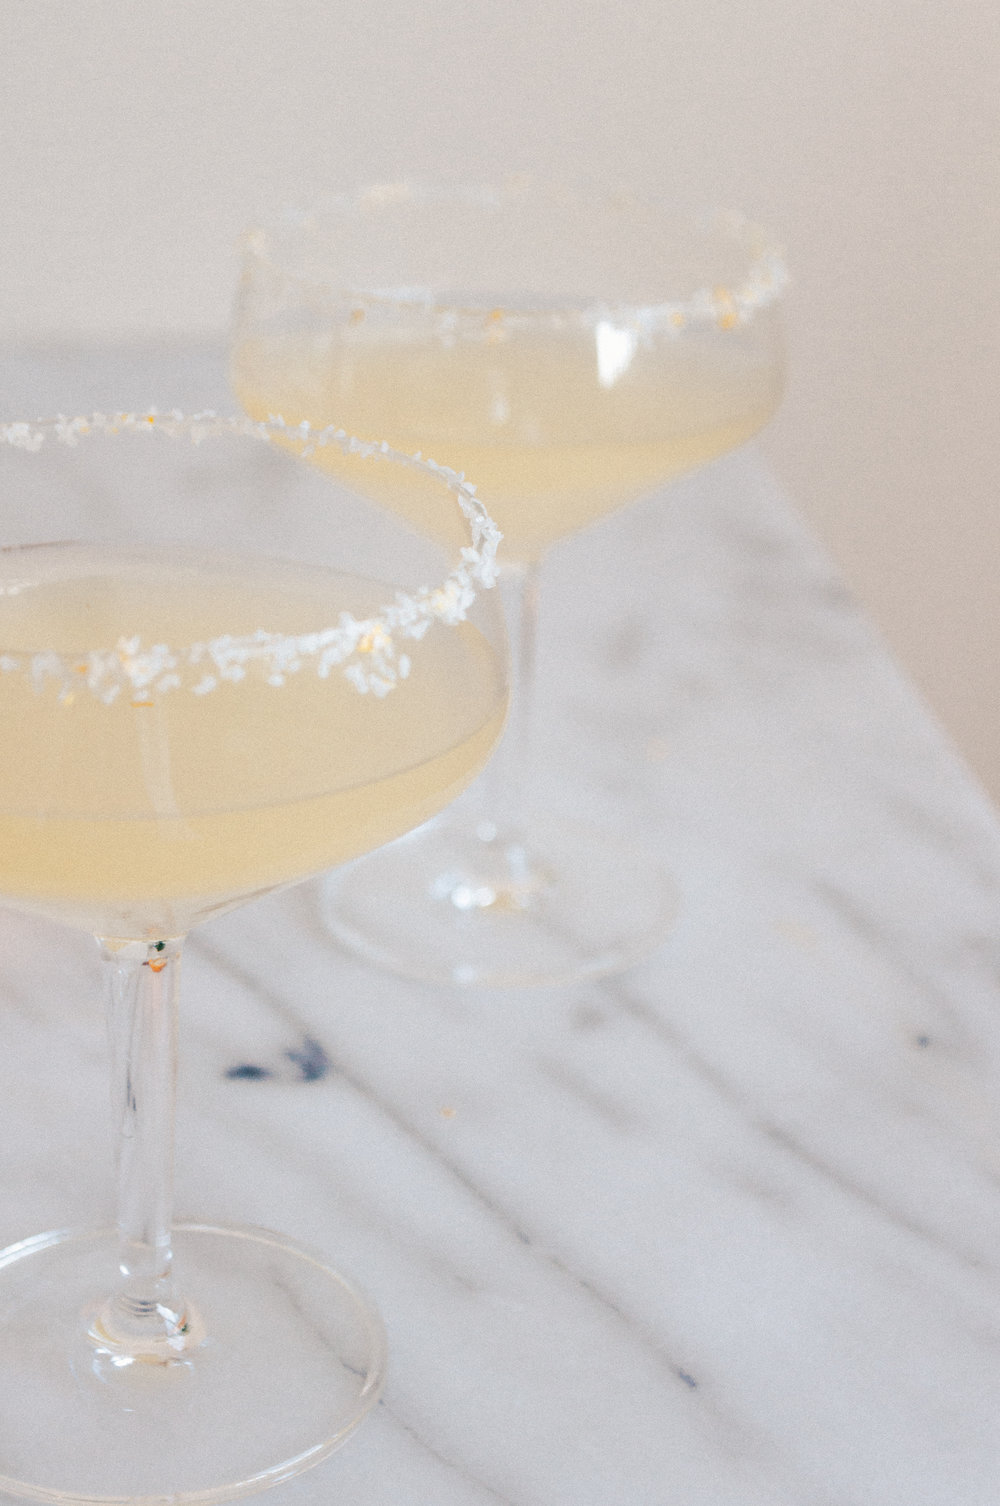 Summerfield Delight   Meyer Lemon Margarita